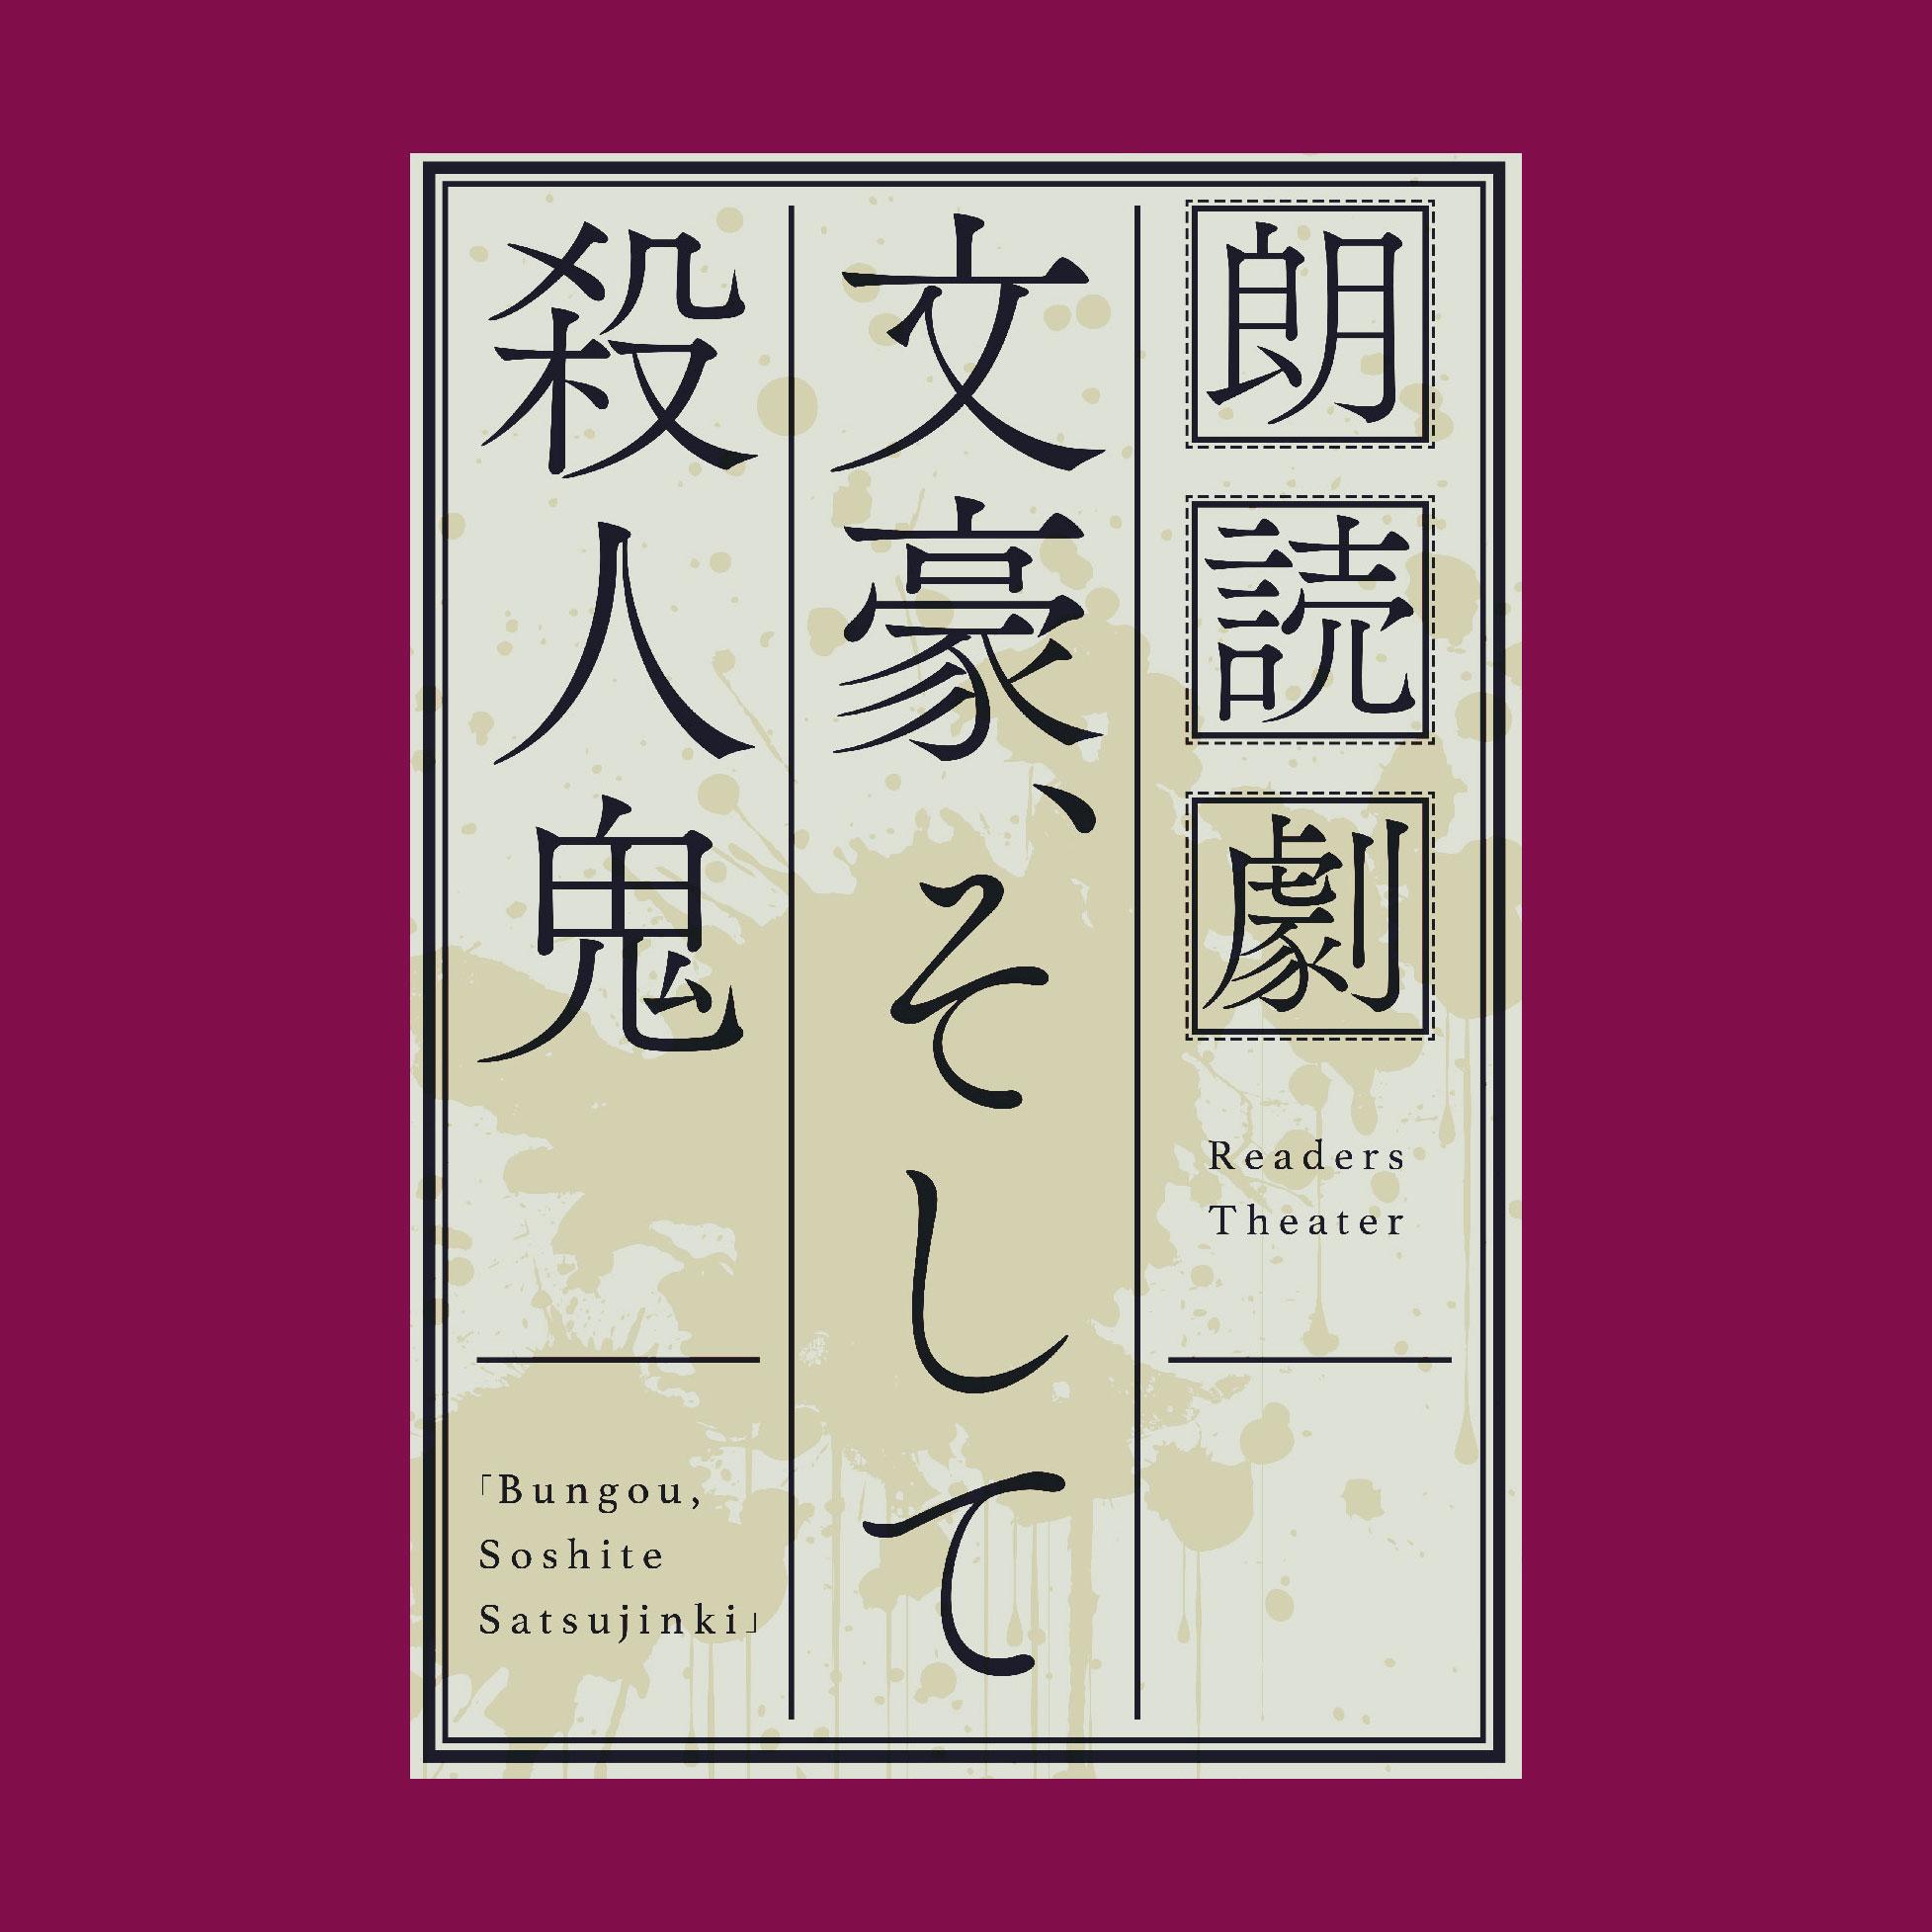 オリジナル朗読劇「文豪、そして殺人鬼」令和元年六月公演